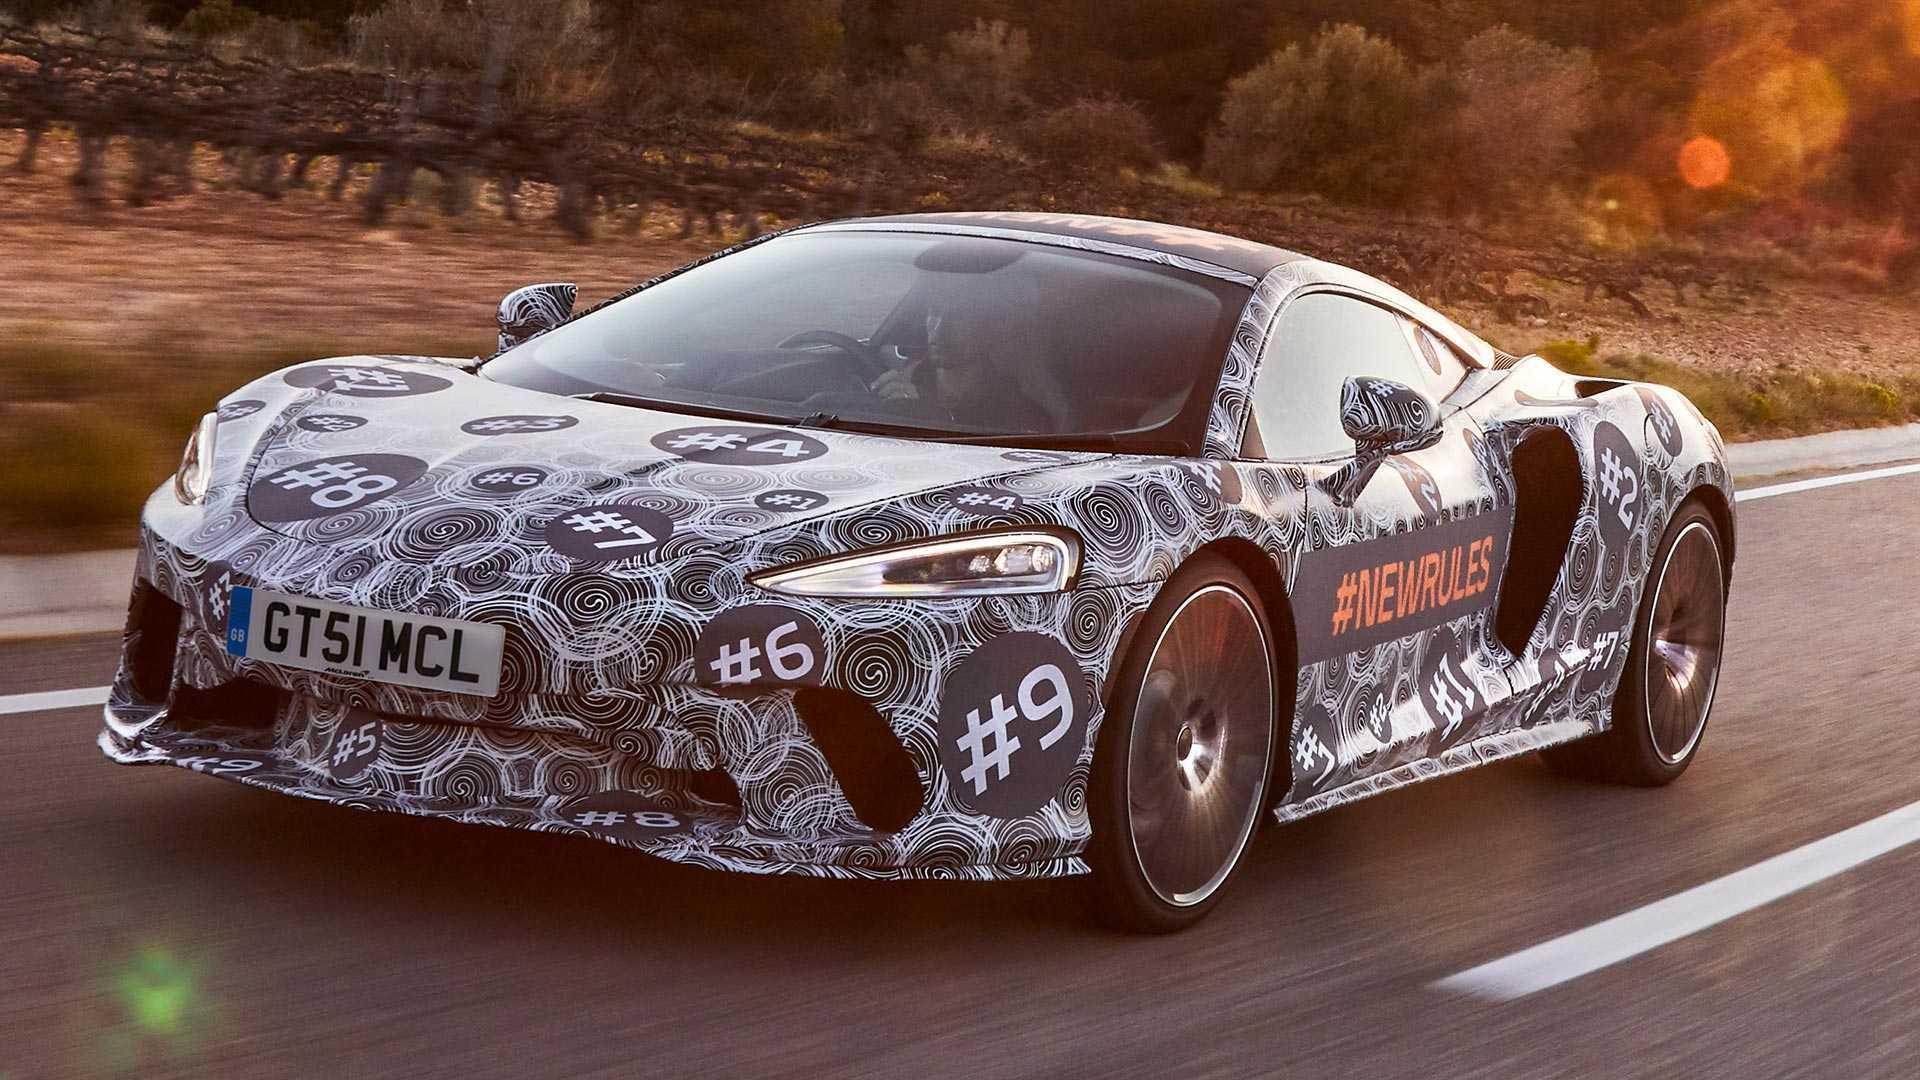 迈凯伦全新GT车型最新谍照,预计五月份亮相